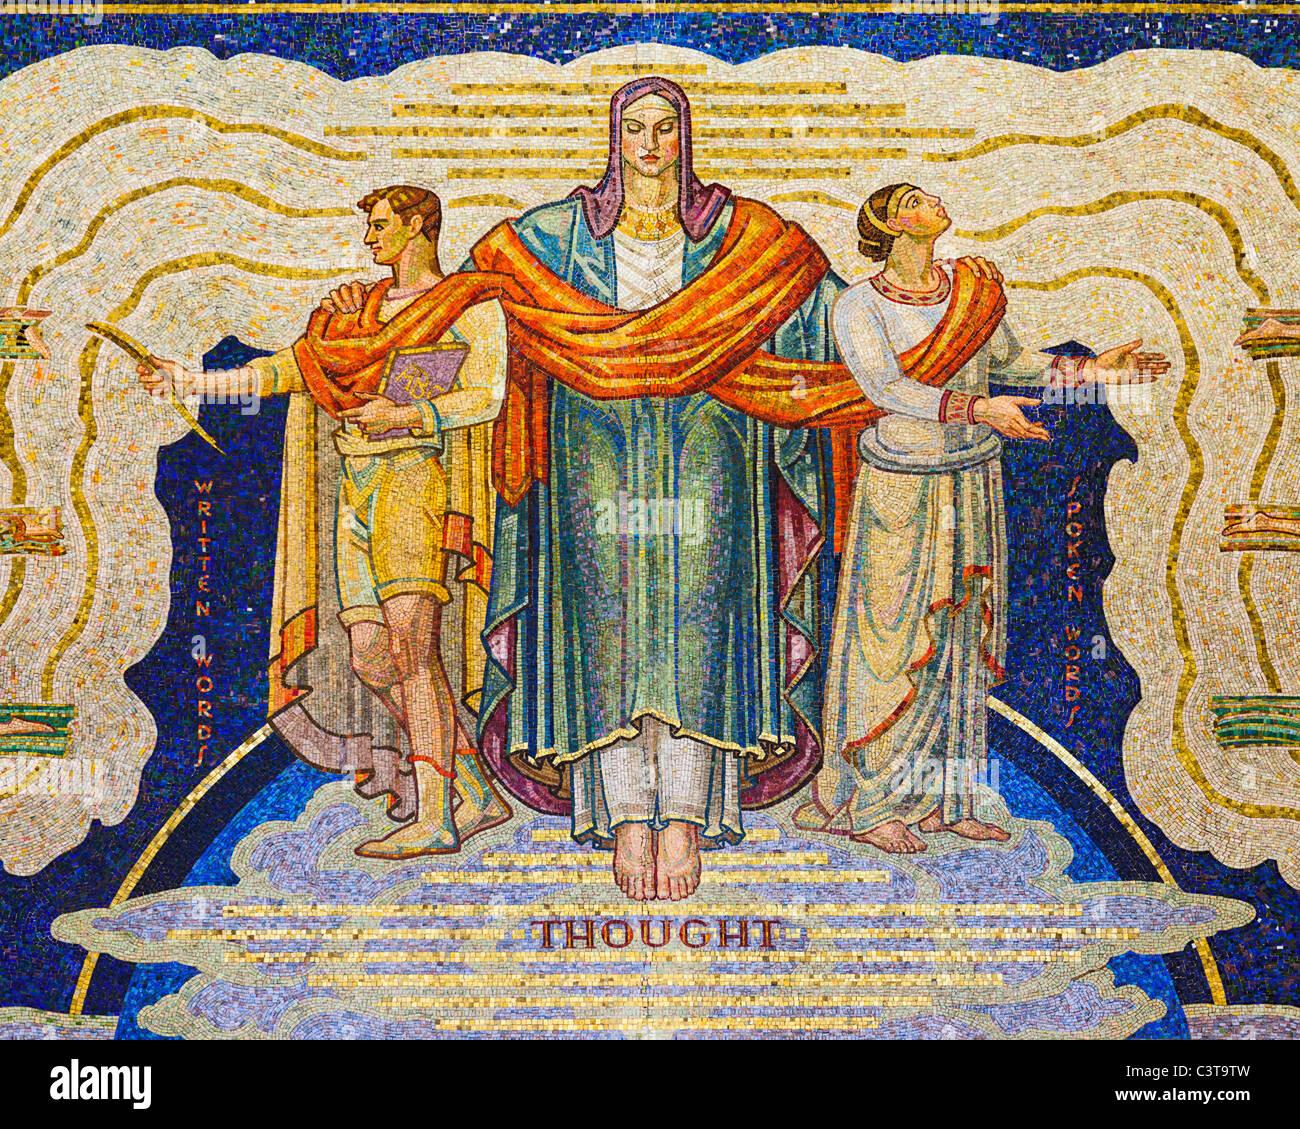 Intelligence Awakening Mankind, Mosaic - Stock Image